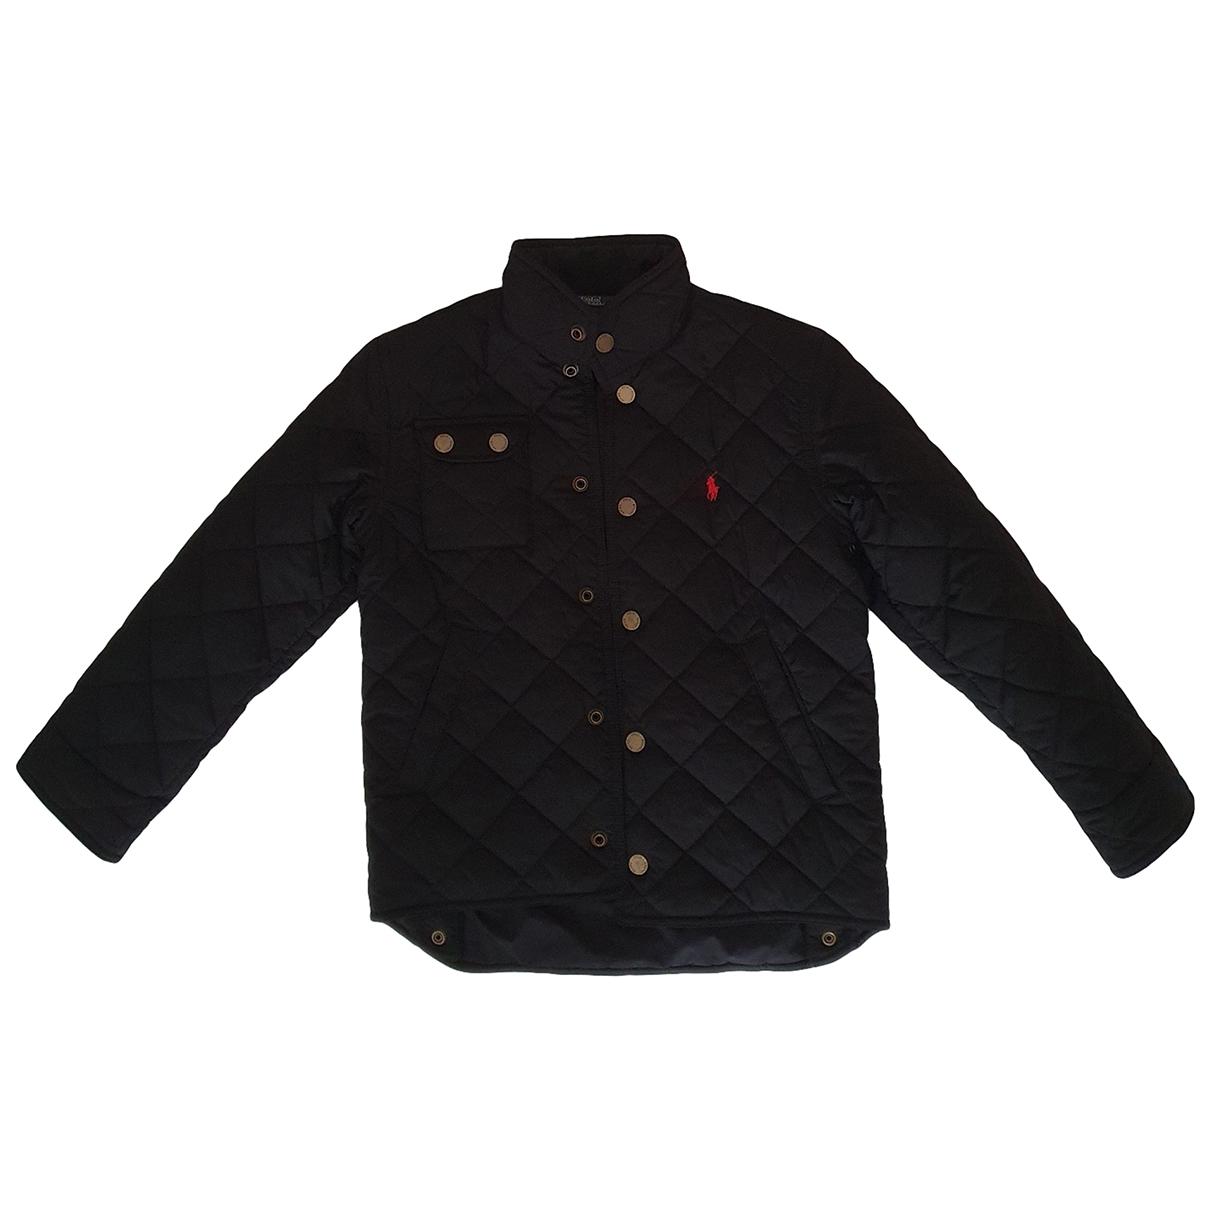 Polo Ralph Lauren - Blousons.Manteaux   pour enfant - noir